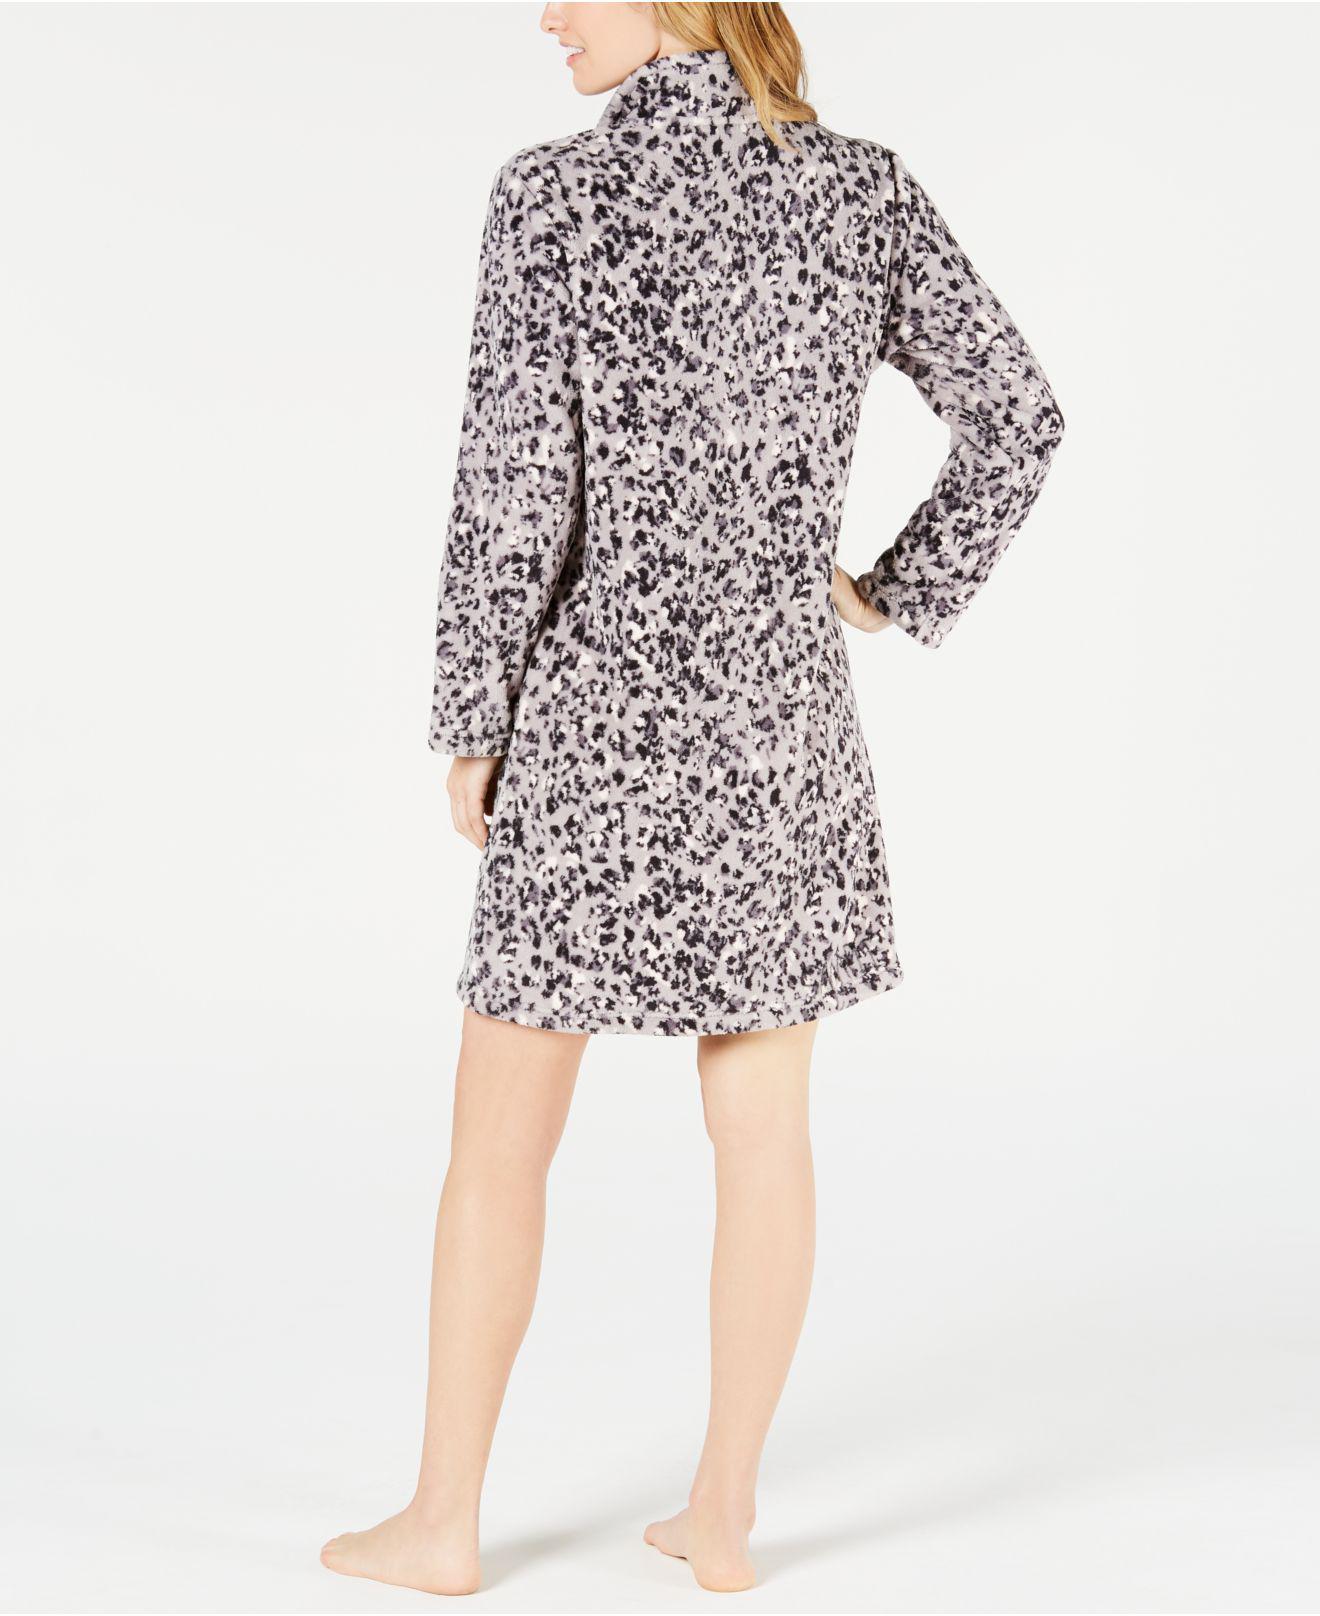 Lyst - Miss Elaine Printed Fleece Short Zip Robe in Gray 940339325